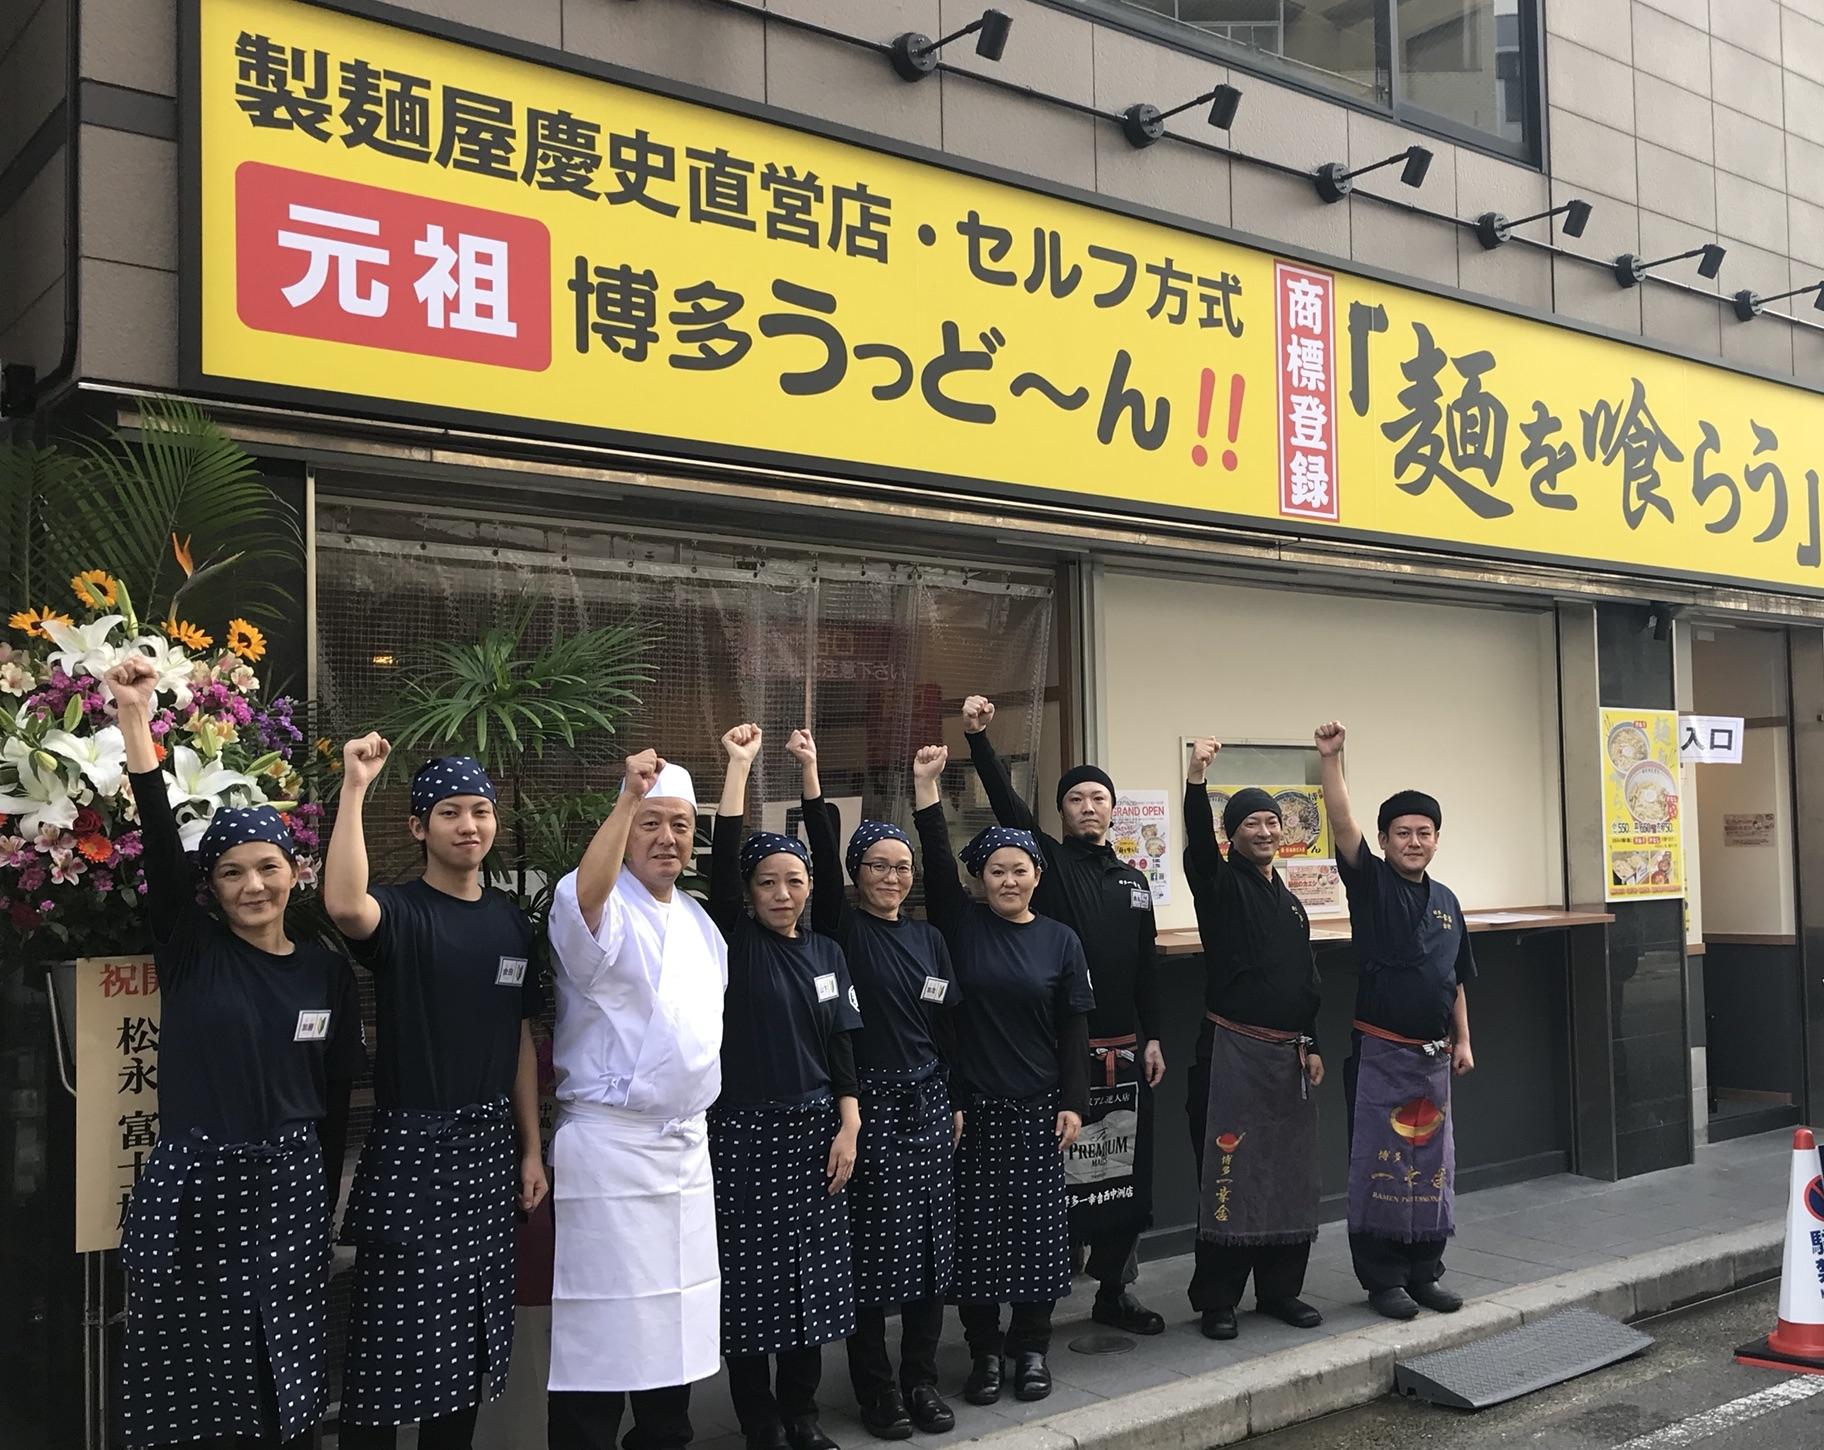 元祖博多うっど〜ん「麺を喰らう」麺ショップ本店グランドオープン!!